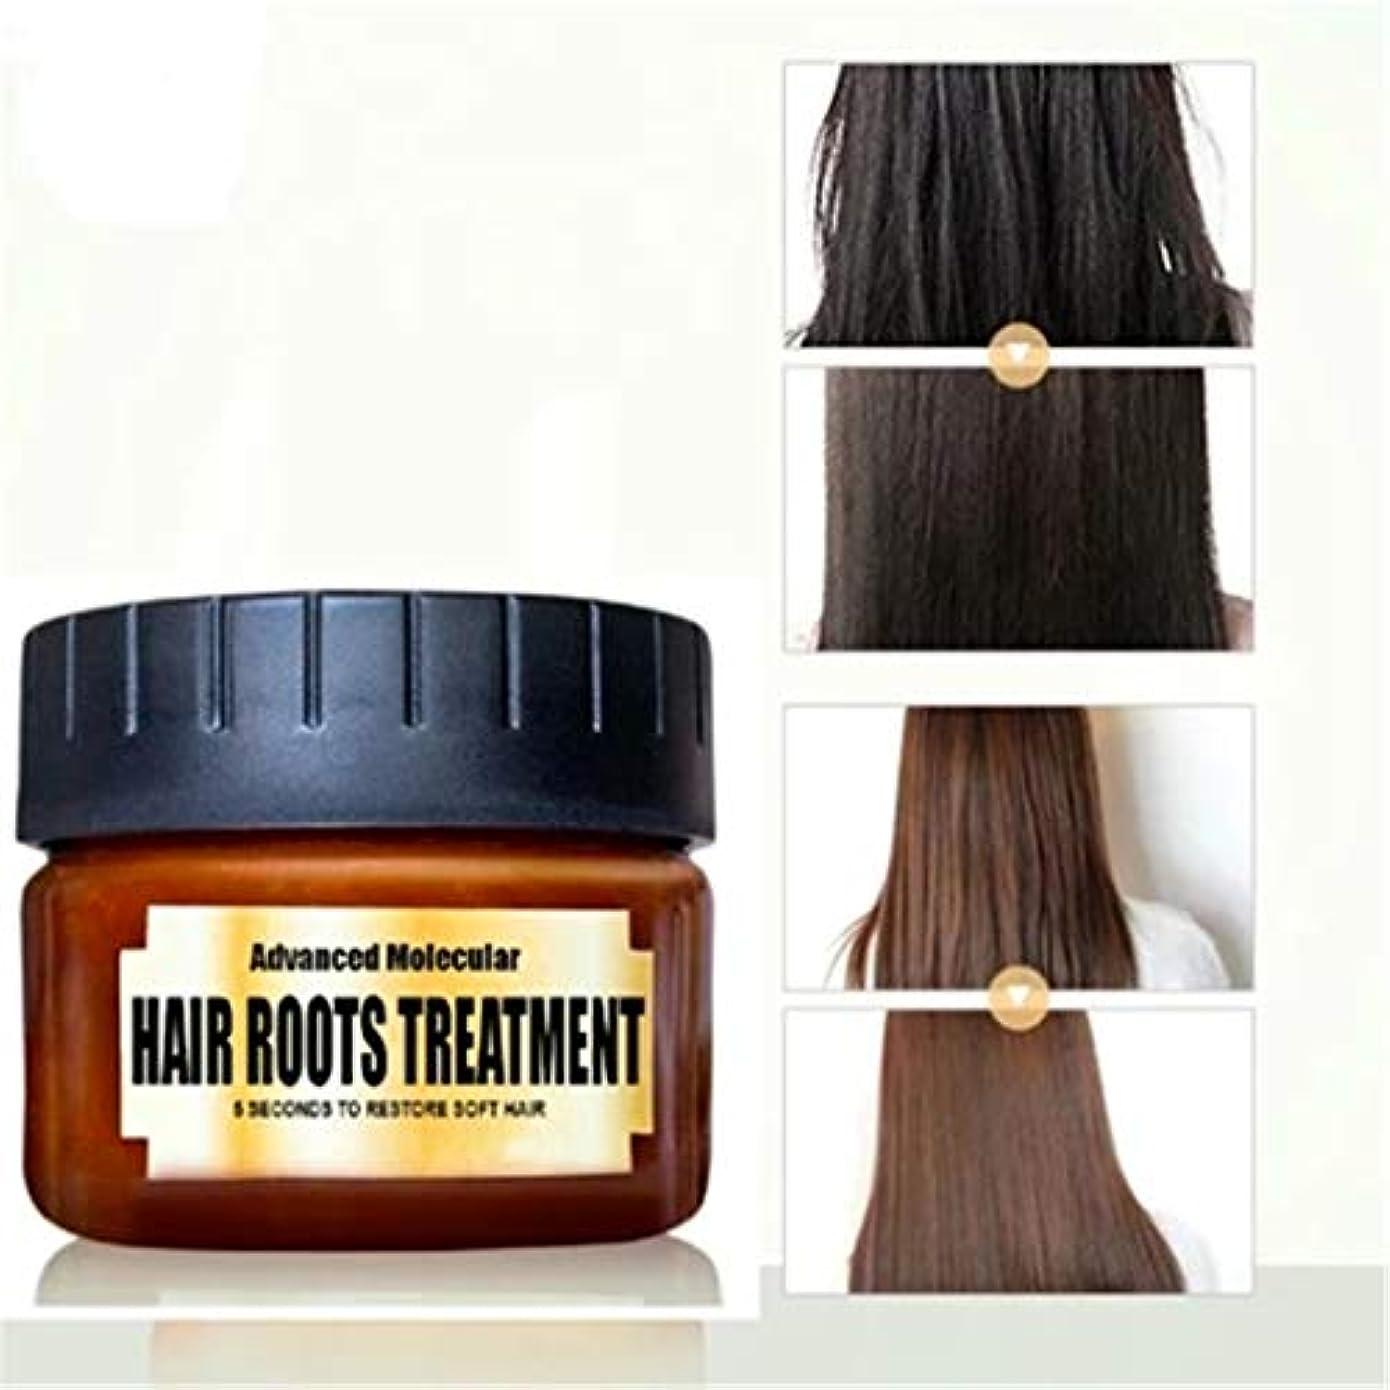 救出隠されたフォーカスコンディショナー ヘアケアコンディショナー ヘアデトキシファイングヘアマスク 高度な分子 毛根治療の回復 乾燥または損傷した髪と頭皮の治療のための髪の滑らかなしなやか (B 60 ml)